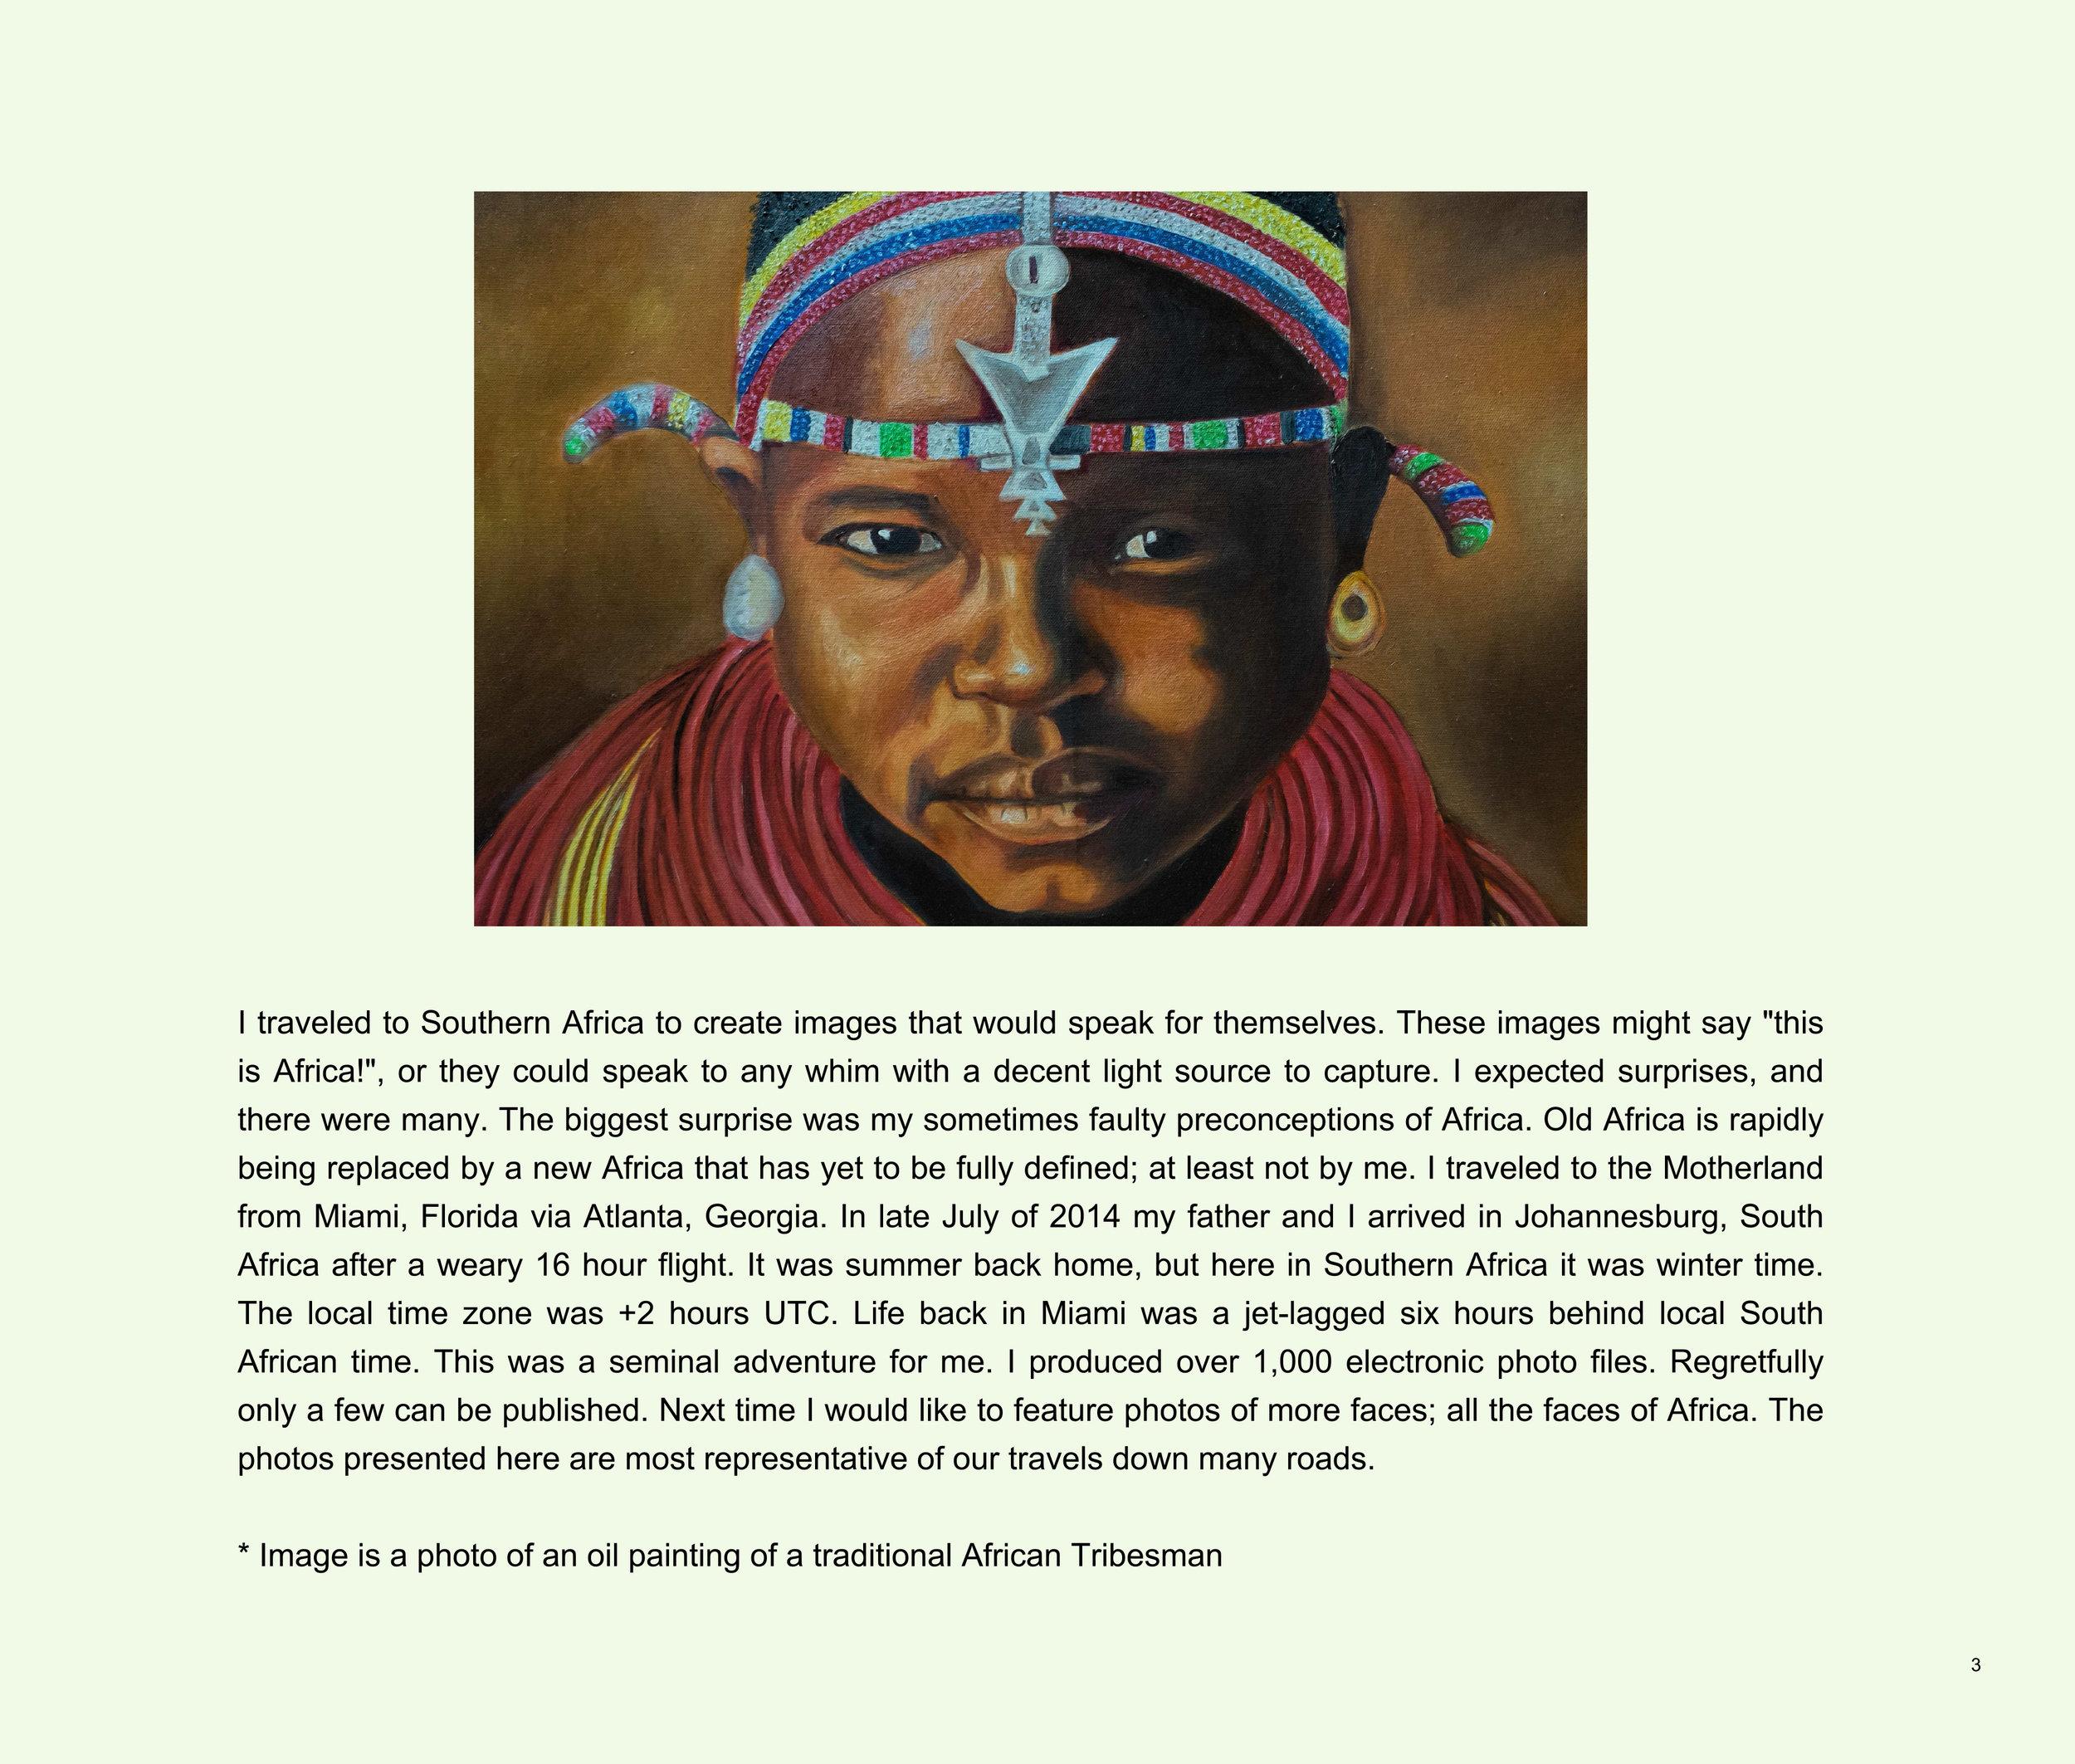 ImagesASouthernAfricaRoadTrip-5.jpg